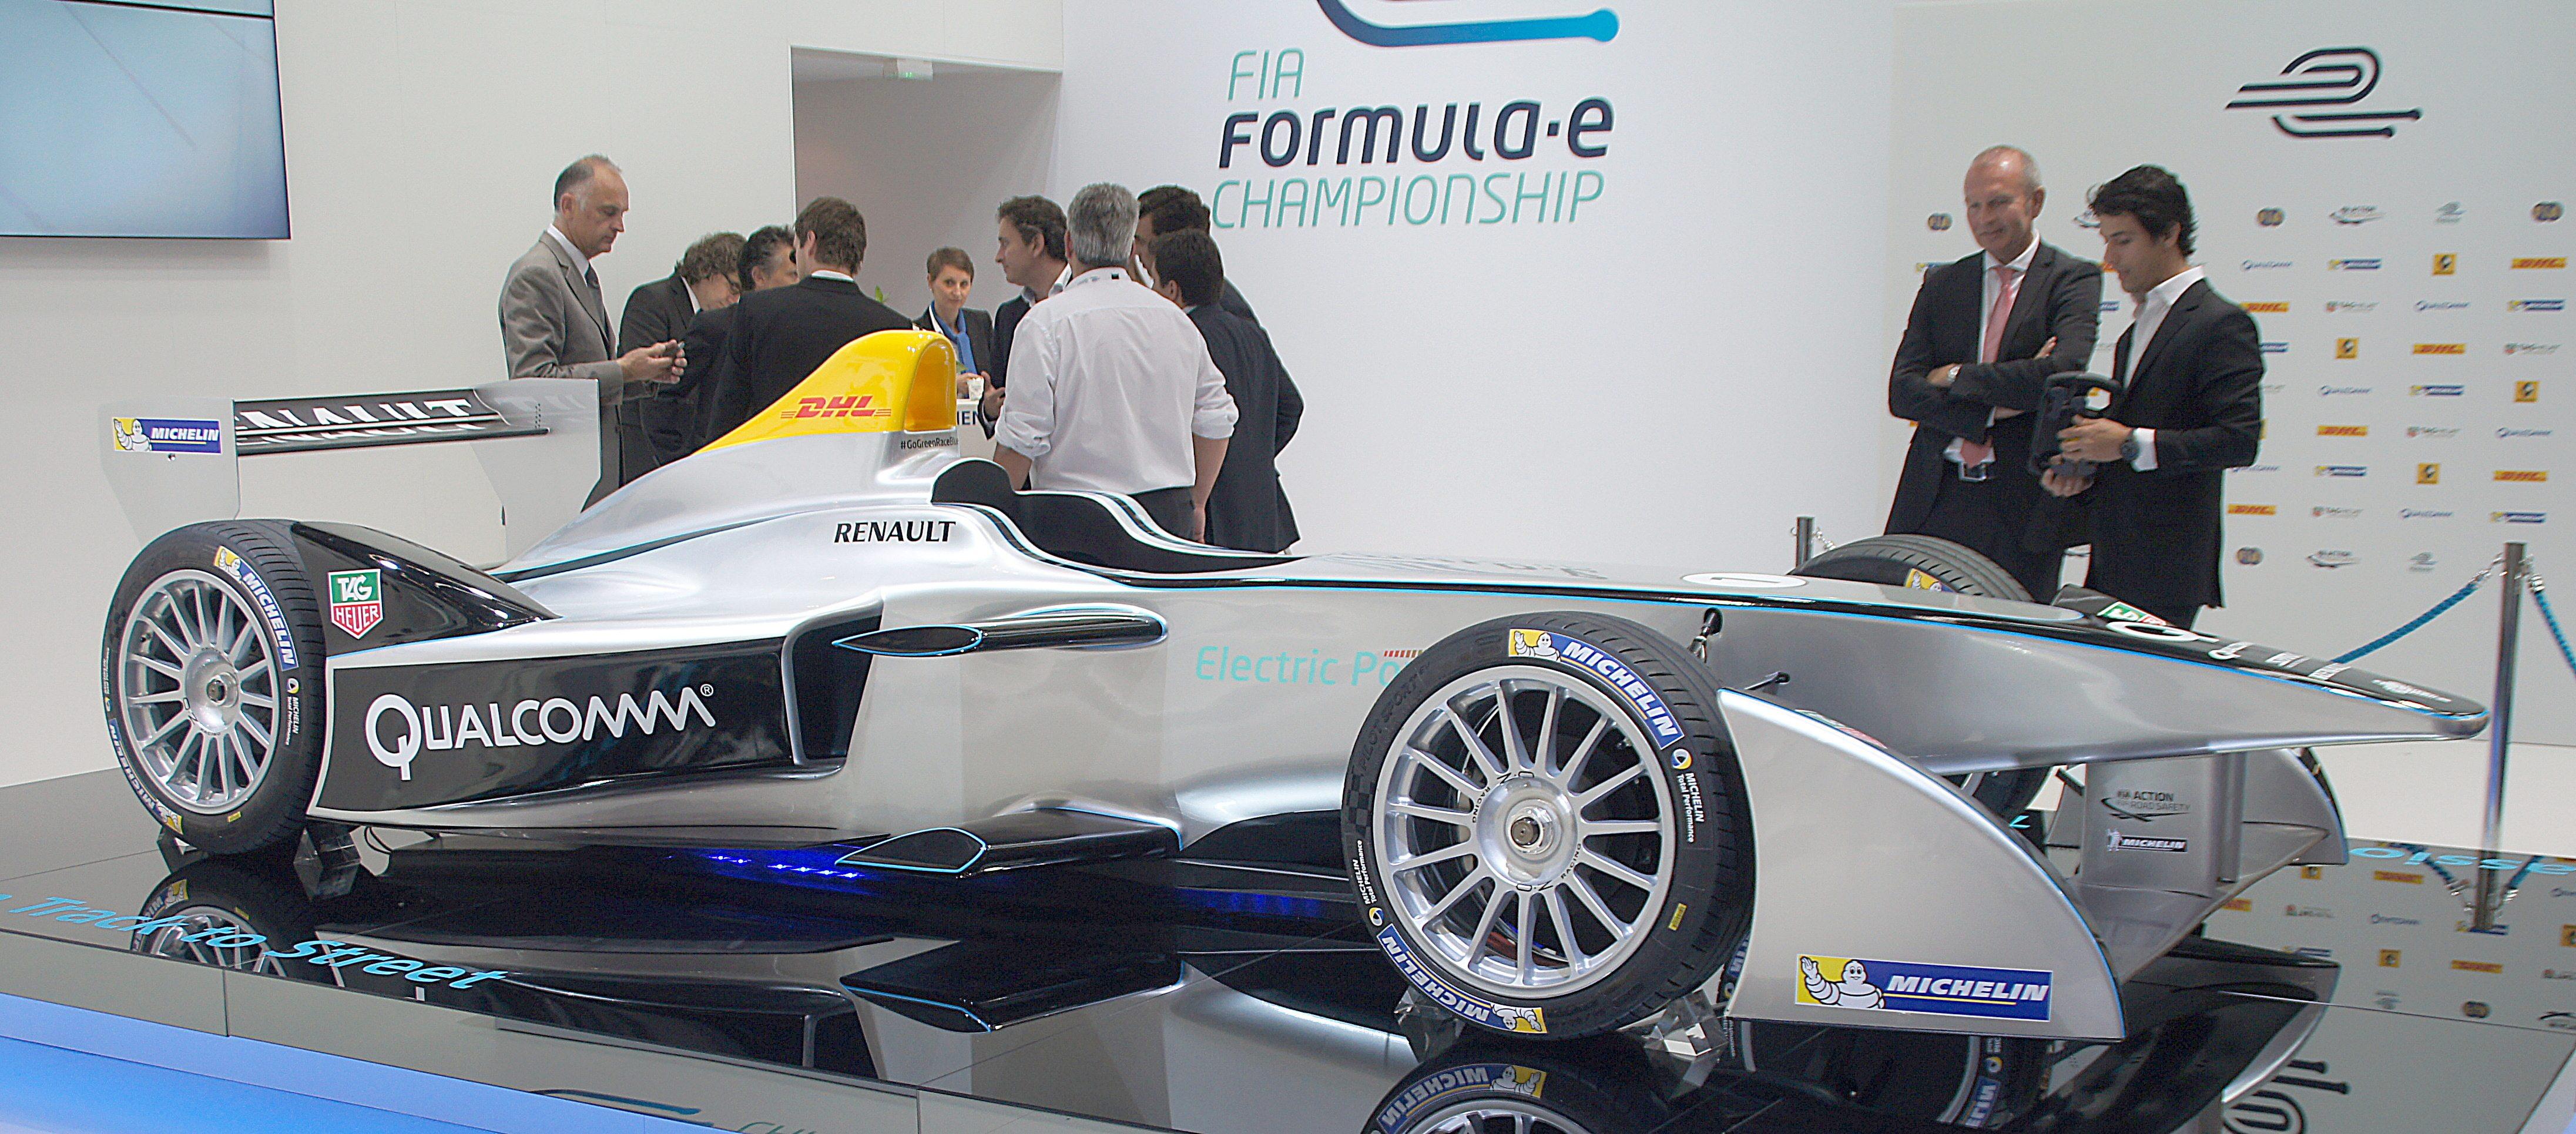 Formula e Championship race car